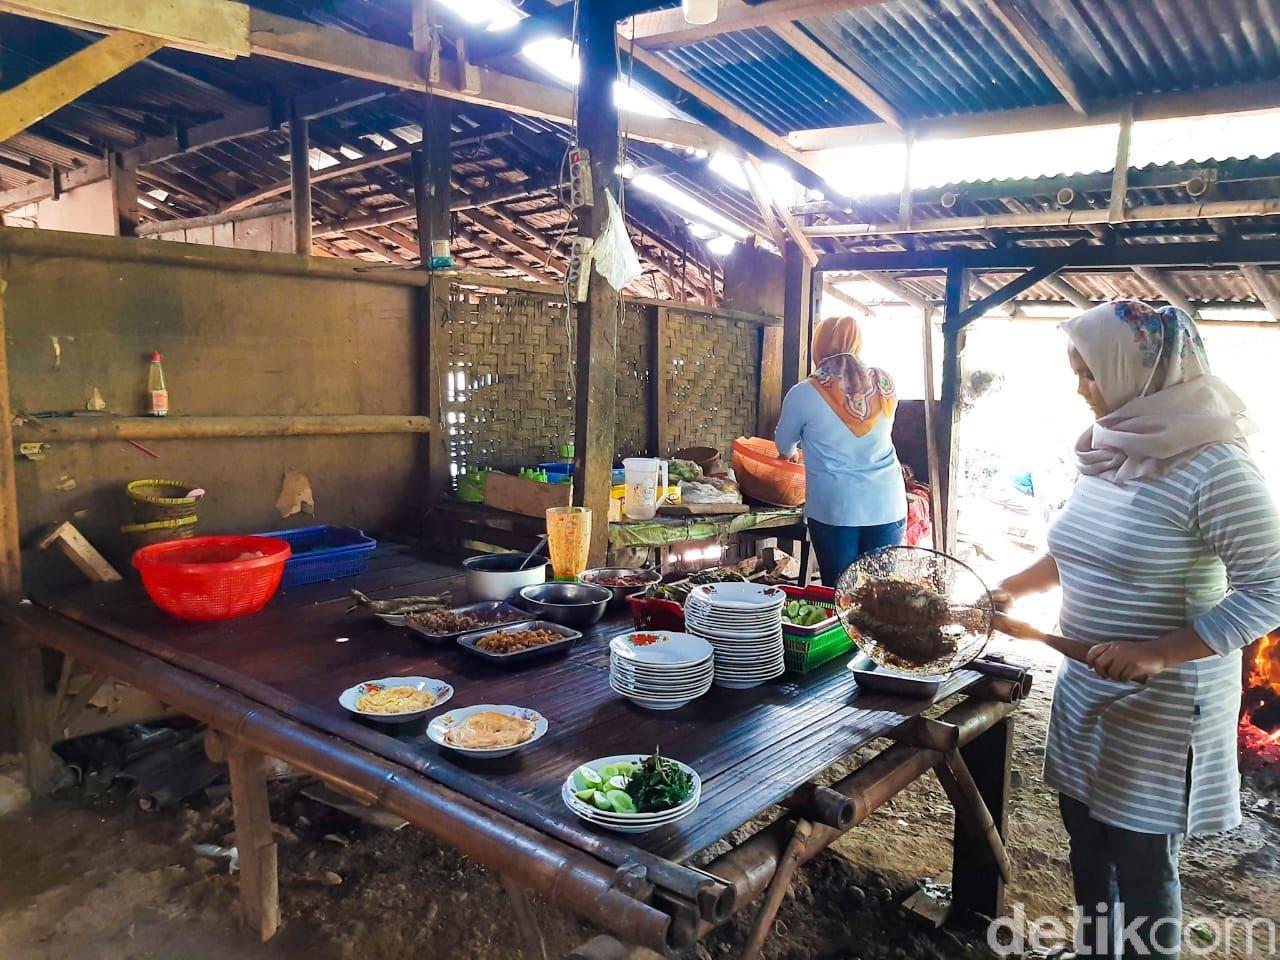 nikmatnya makan ikan cere goreng di warung cere bu tini yang terkenal di tangerang